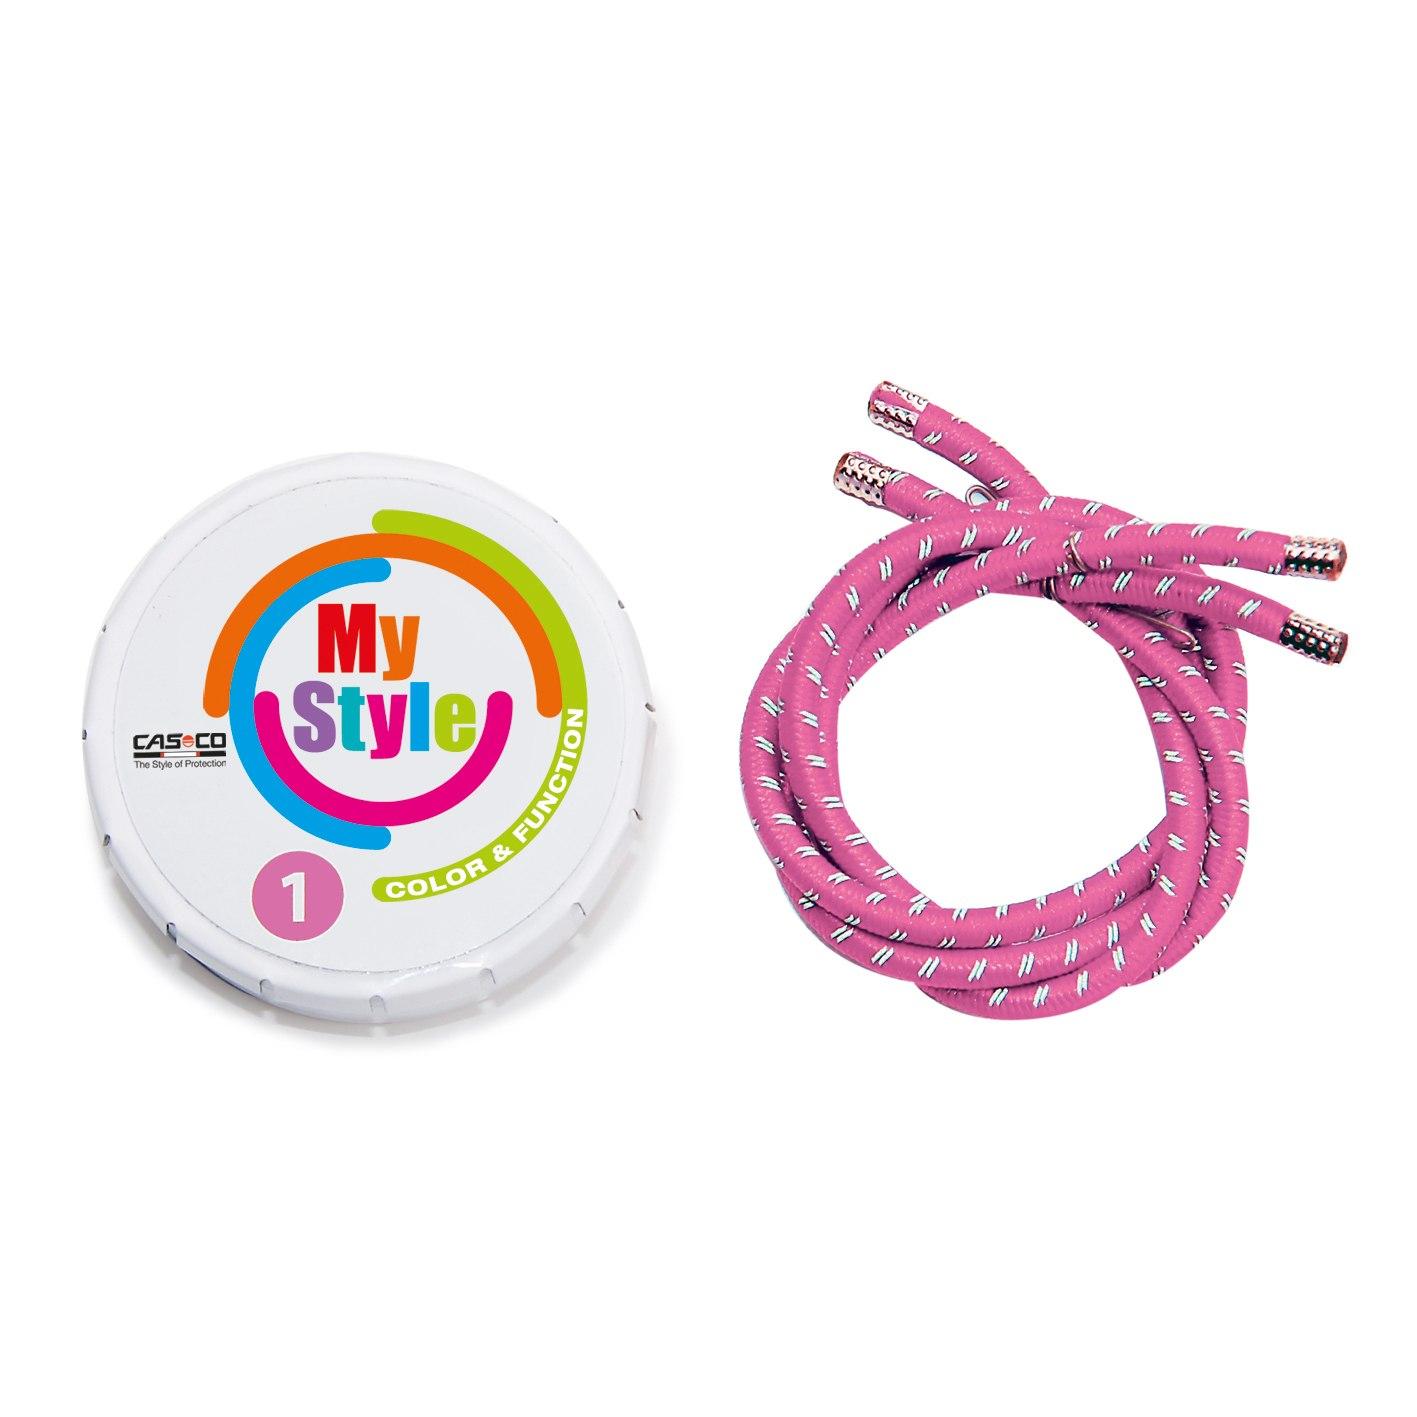 Casco MyStyle Stripes - Reflective - pink